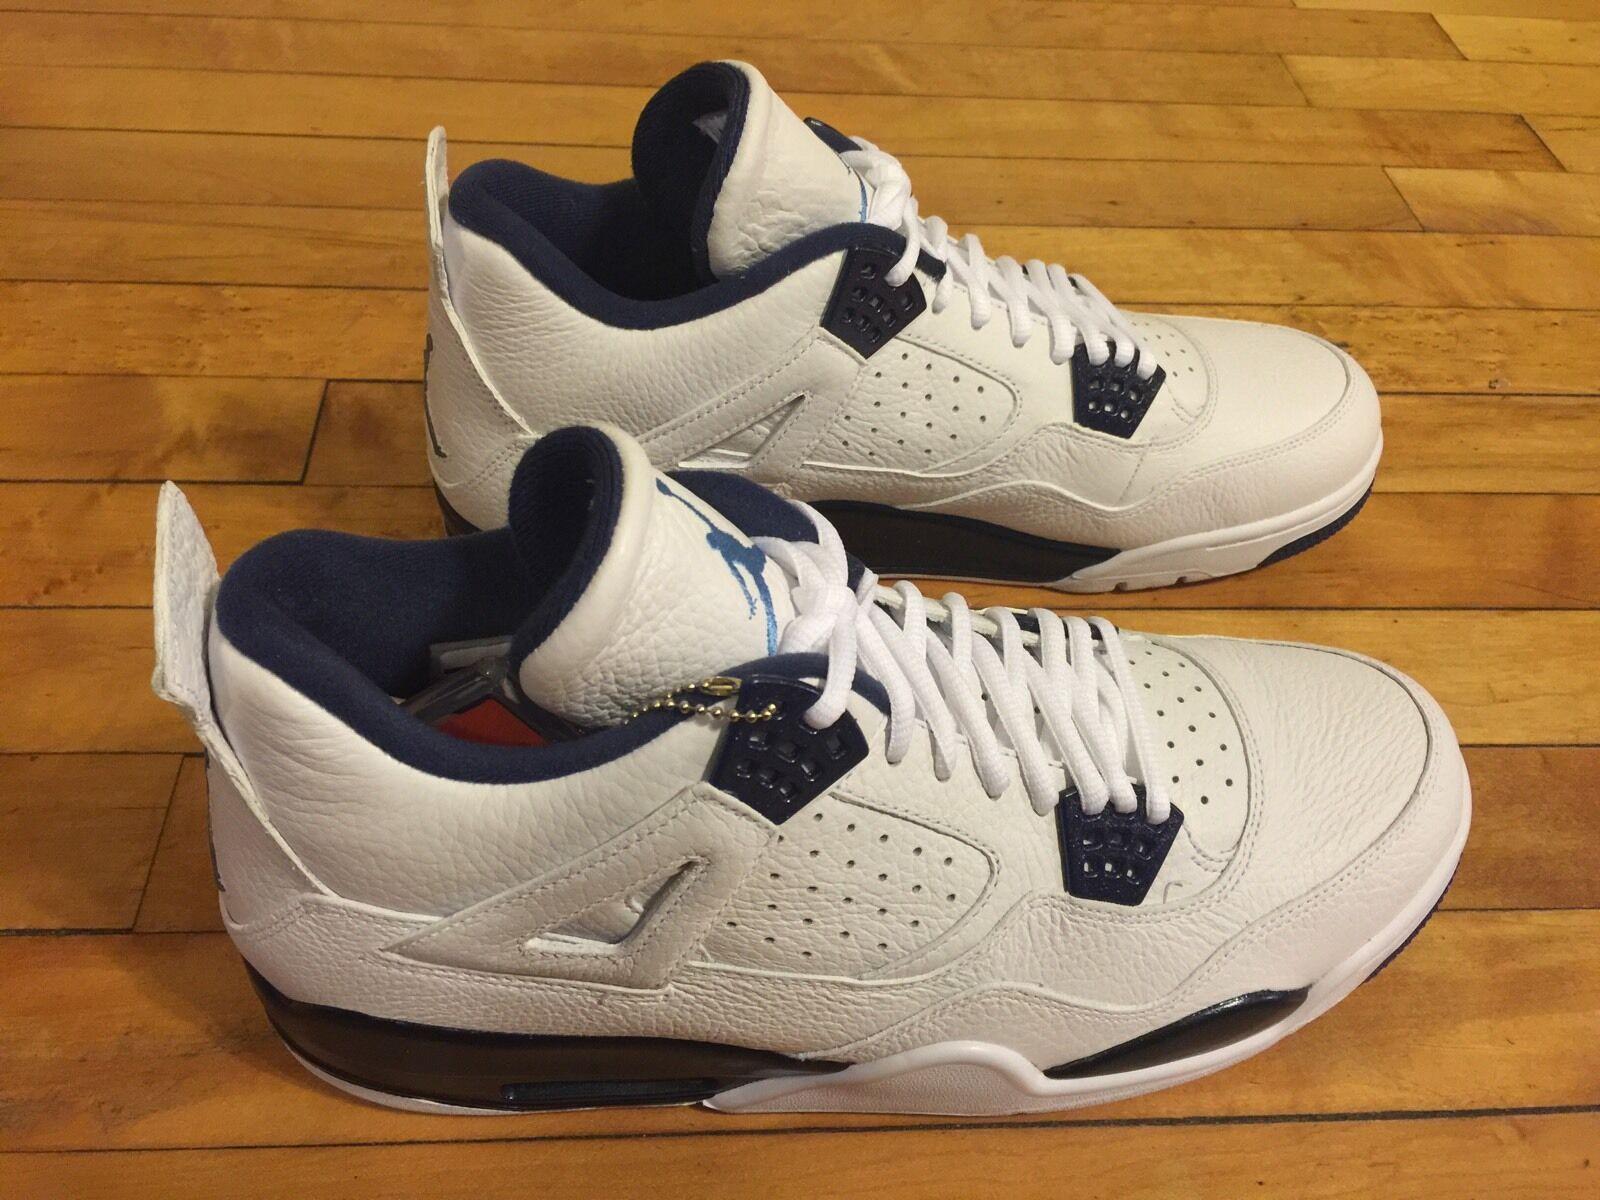 Nike Air Jordan 4 retro LS Columbia reducción de precios descuentos estacionales de recortes de precios, beneficios de descuentos precios 79b77f